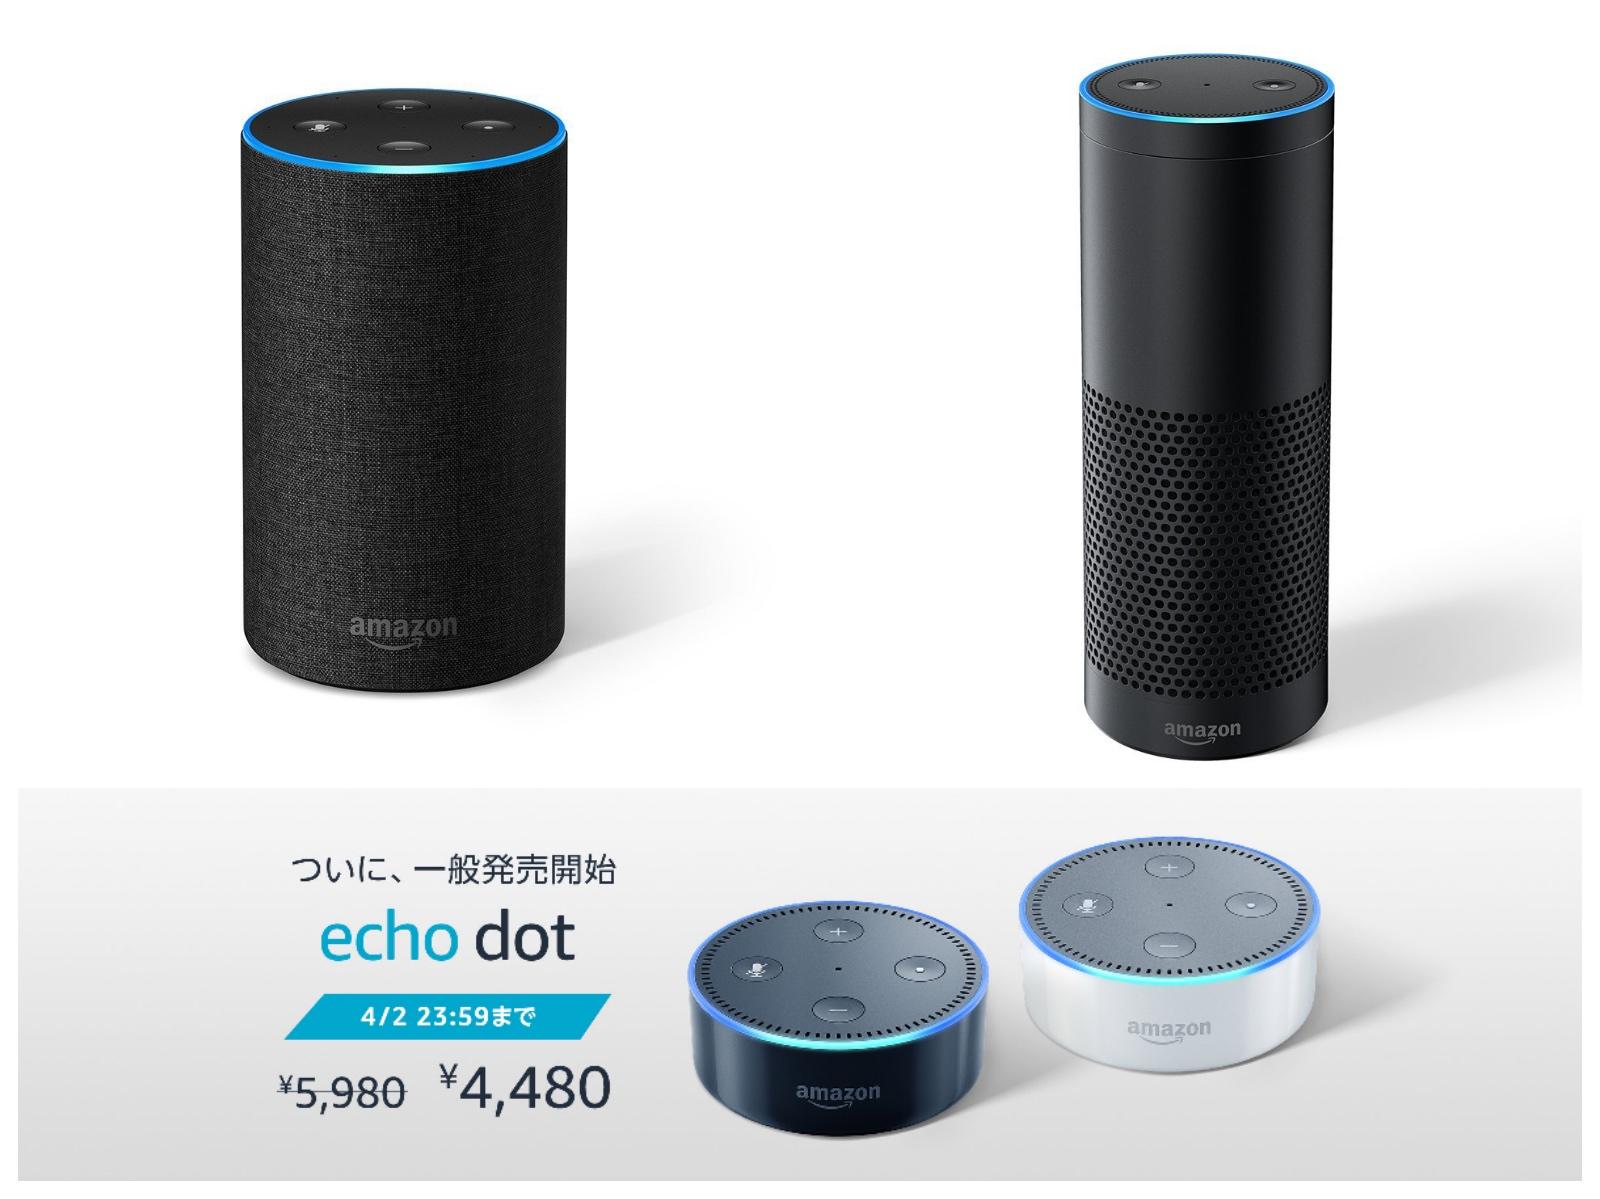 Amazon-Echo-Series-on-sale-now-